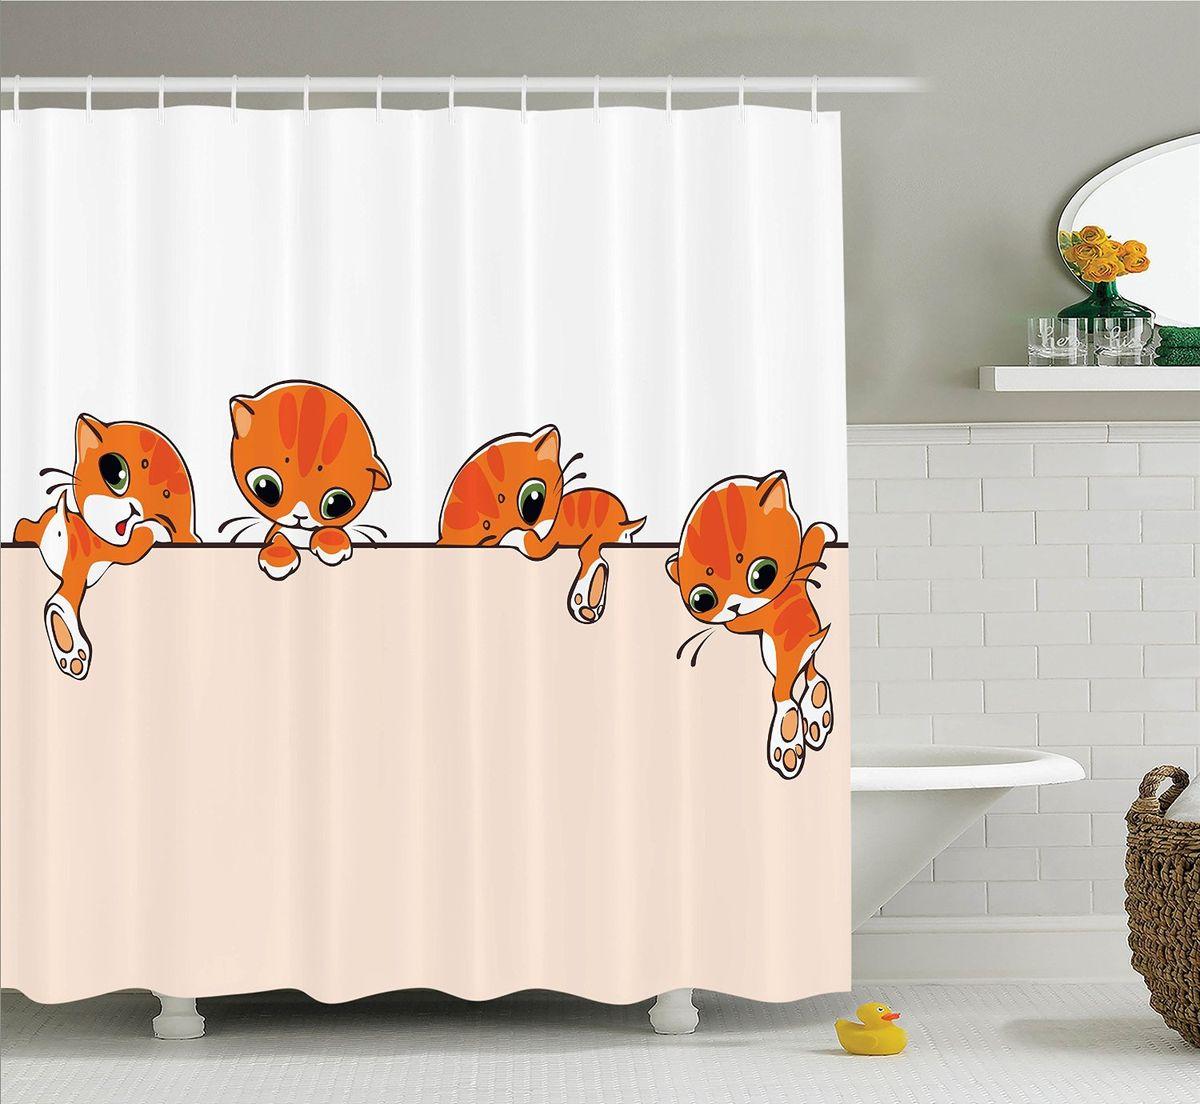 Штора для ванной комнаты Magic Lady Оранжевый котенок, 180 х 200 смT573-2Компания Сэмболь изготавливает шторы из высококачественного сатена (полиэстер 100%). При изготовлении используются специальные гипоаллергенные чернила для прямой печати по ткани, безопасные для человека и животных. Экологичность продукции Magic lady и безопасность для окружающей среды подтверждены сертификатом Oeko-Tex Standard 100. Крепление: крючки (12 шт.). Внимание! При нанесении сублимационной печати на ткань технологическим методом при температуре 240 С, возможно отклонение полученных размеров, указанных на этикетке и сайте, от стандартных на + - 3-5 см. Мы стараемся максимально точно передать цвета изделия на наших фотографиях, однако искажения неизбежны и фактический цвет изделия может отличаться от воспринимаемого по фото. Обратите внимание! Шторы изготовлены из полиэстра сатенового переплетения, а не из сатина (хлопок). Размер шторы 180*200 см. В комплекте 1 штора и 12 крючков.